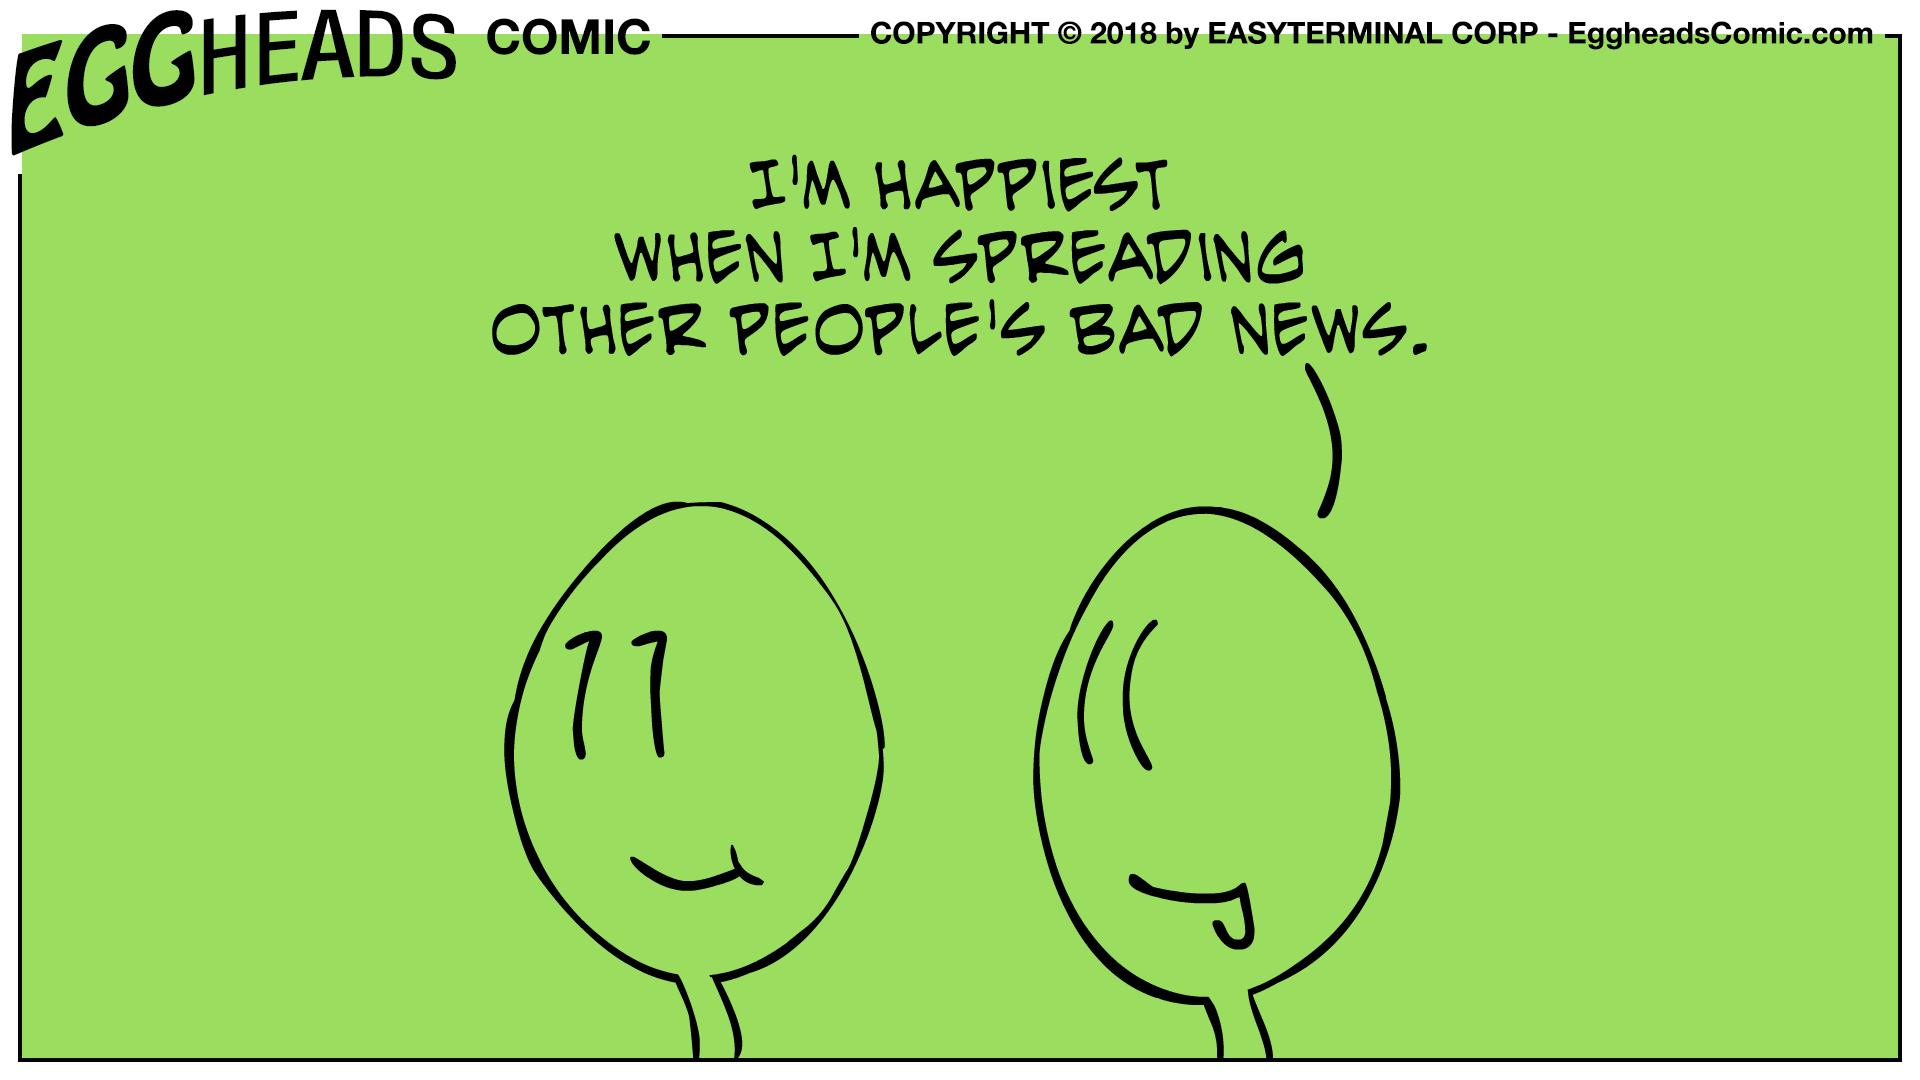 Free Webcomic EggheadsComic.com